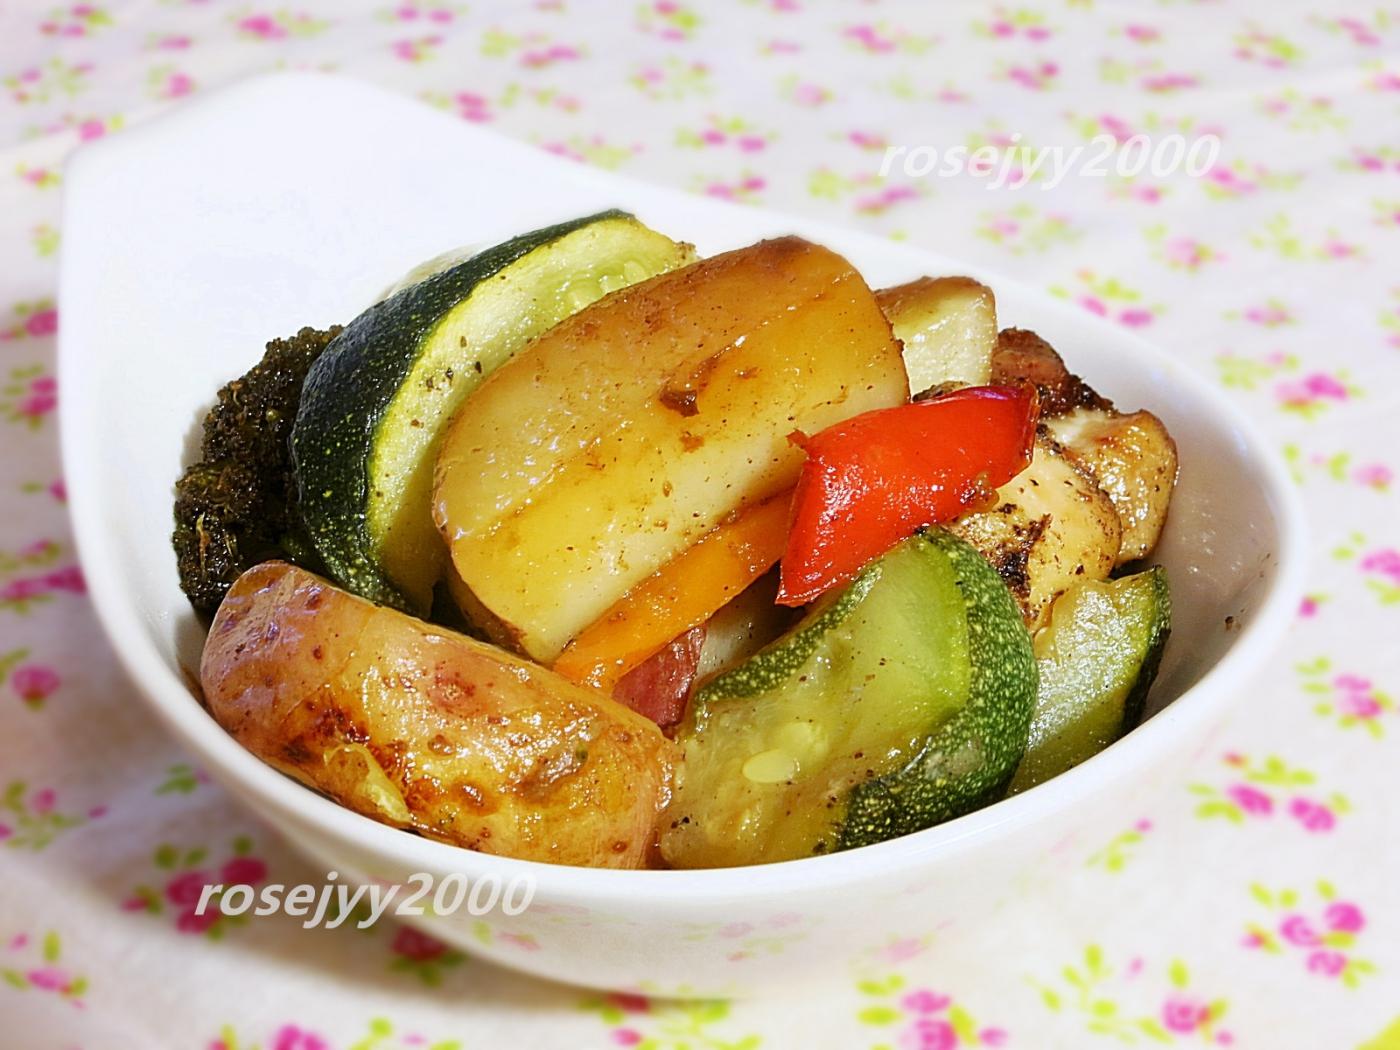 鸡肉时蔬烤箱菜_图1-1